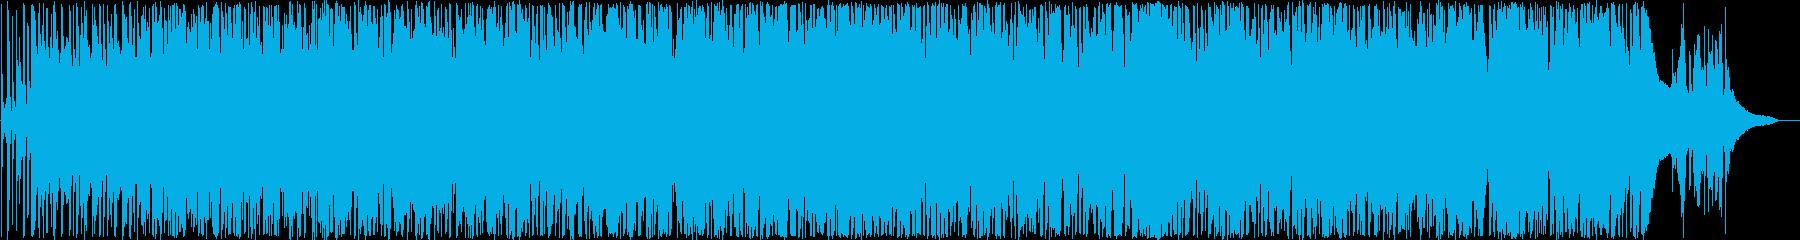 活気あるカントリーミュージックの再生済みの波形